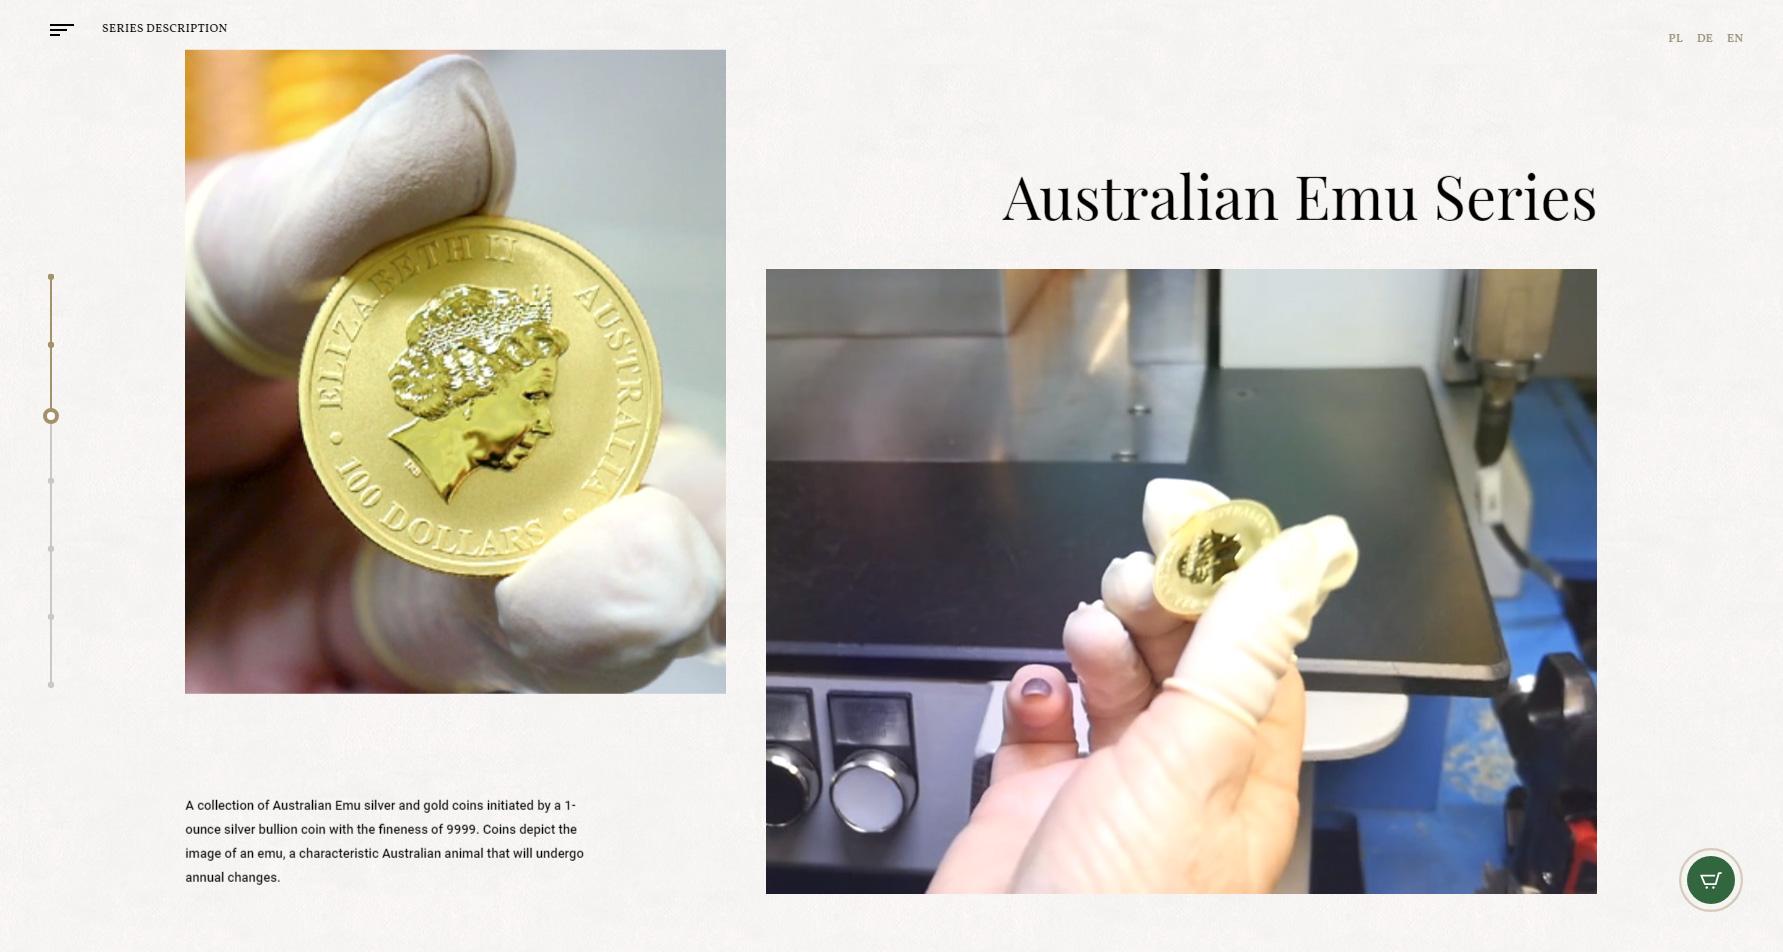 Australian Emu - Bullion coin - Website of the Day